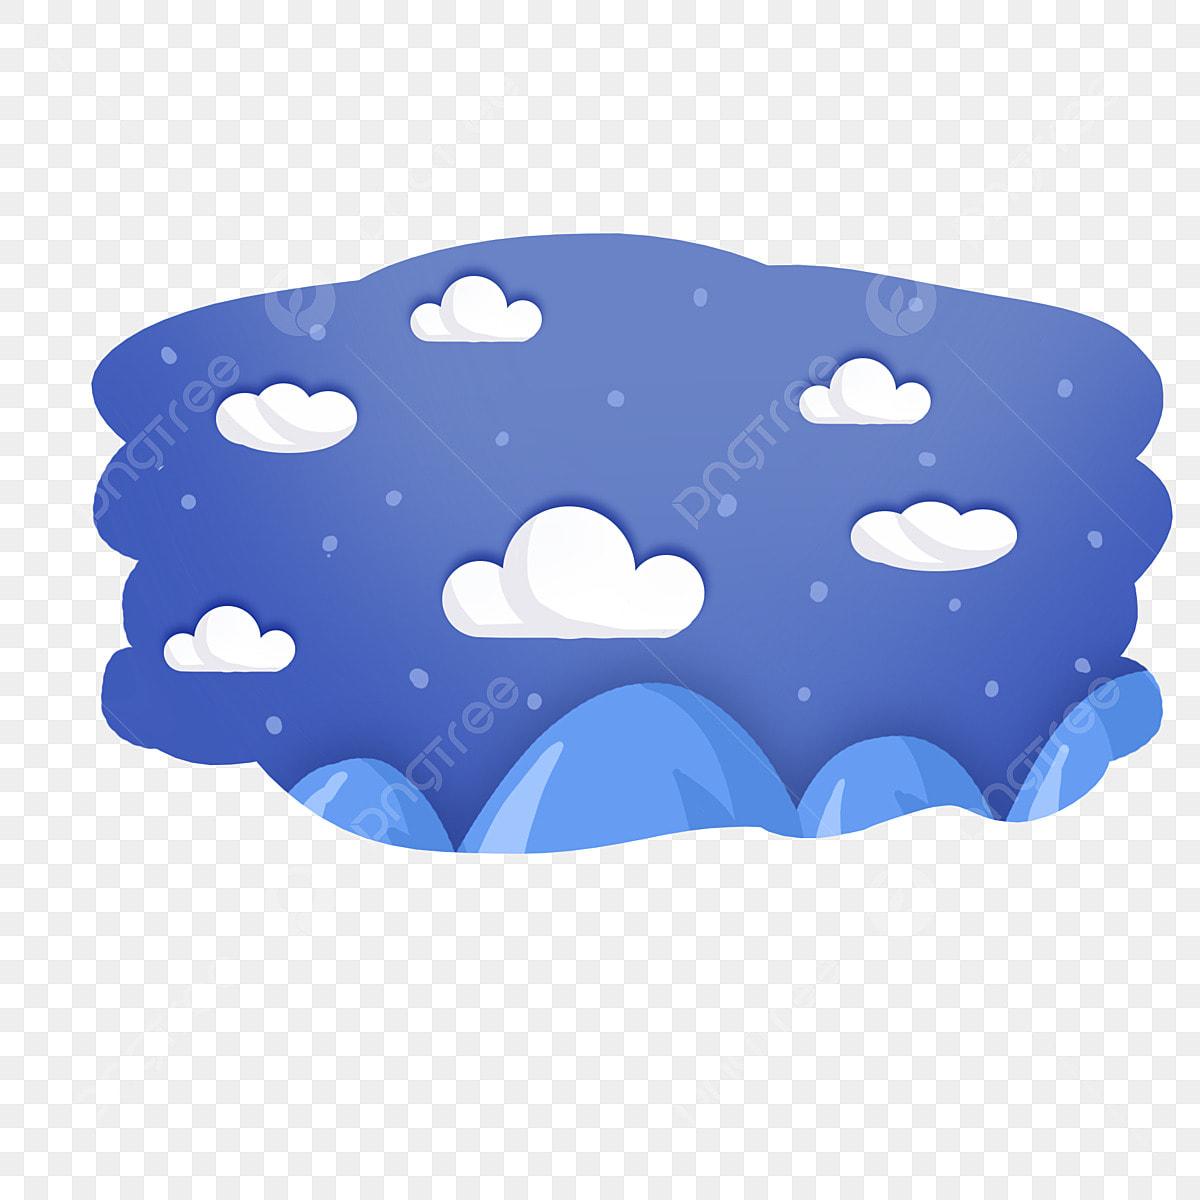 gambar awan putih terapung di dalam bahan gambar langit terapung langit biru awan putih gambar lanskap awan langit di png dan psd untuk muat turun percuma pngtree